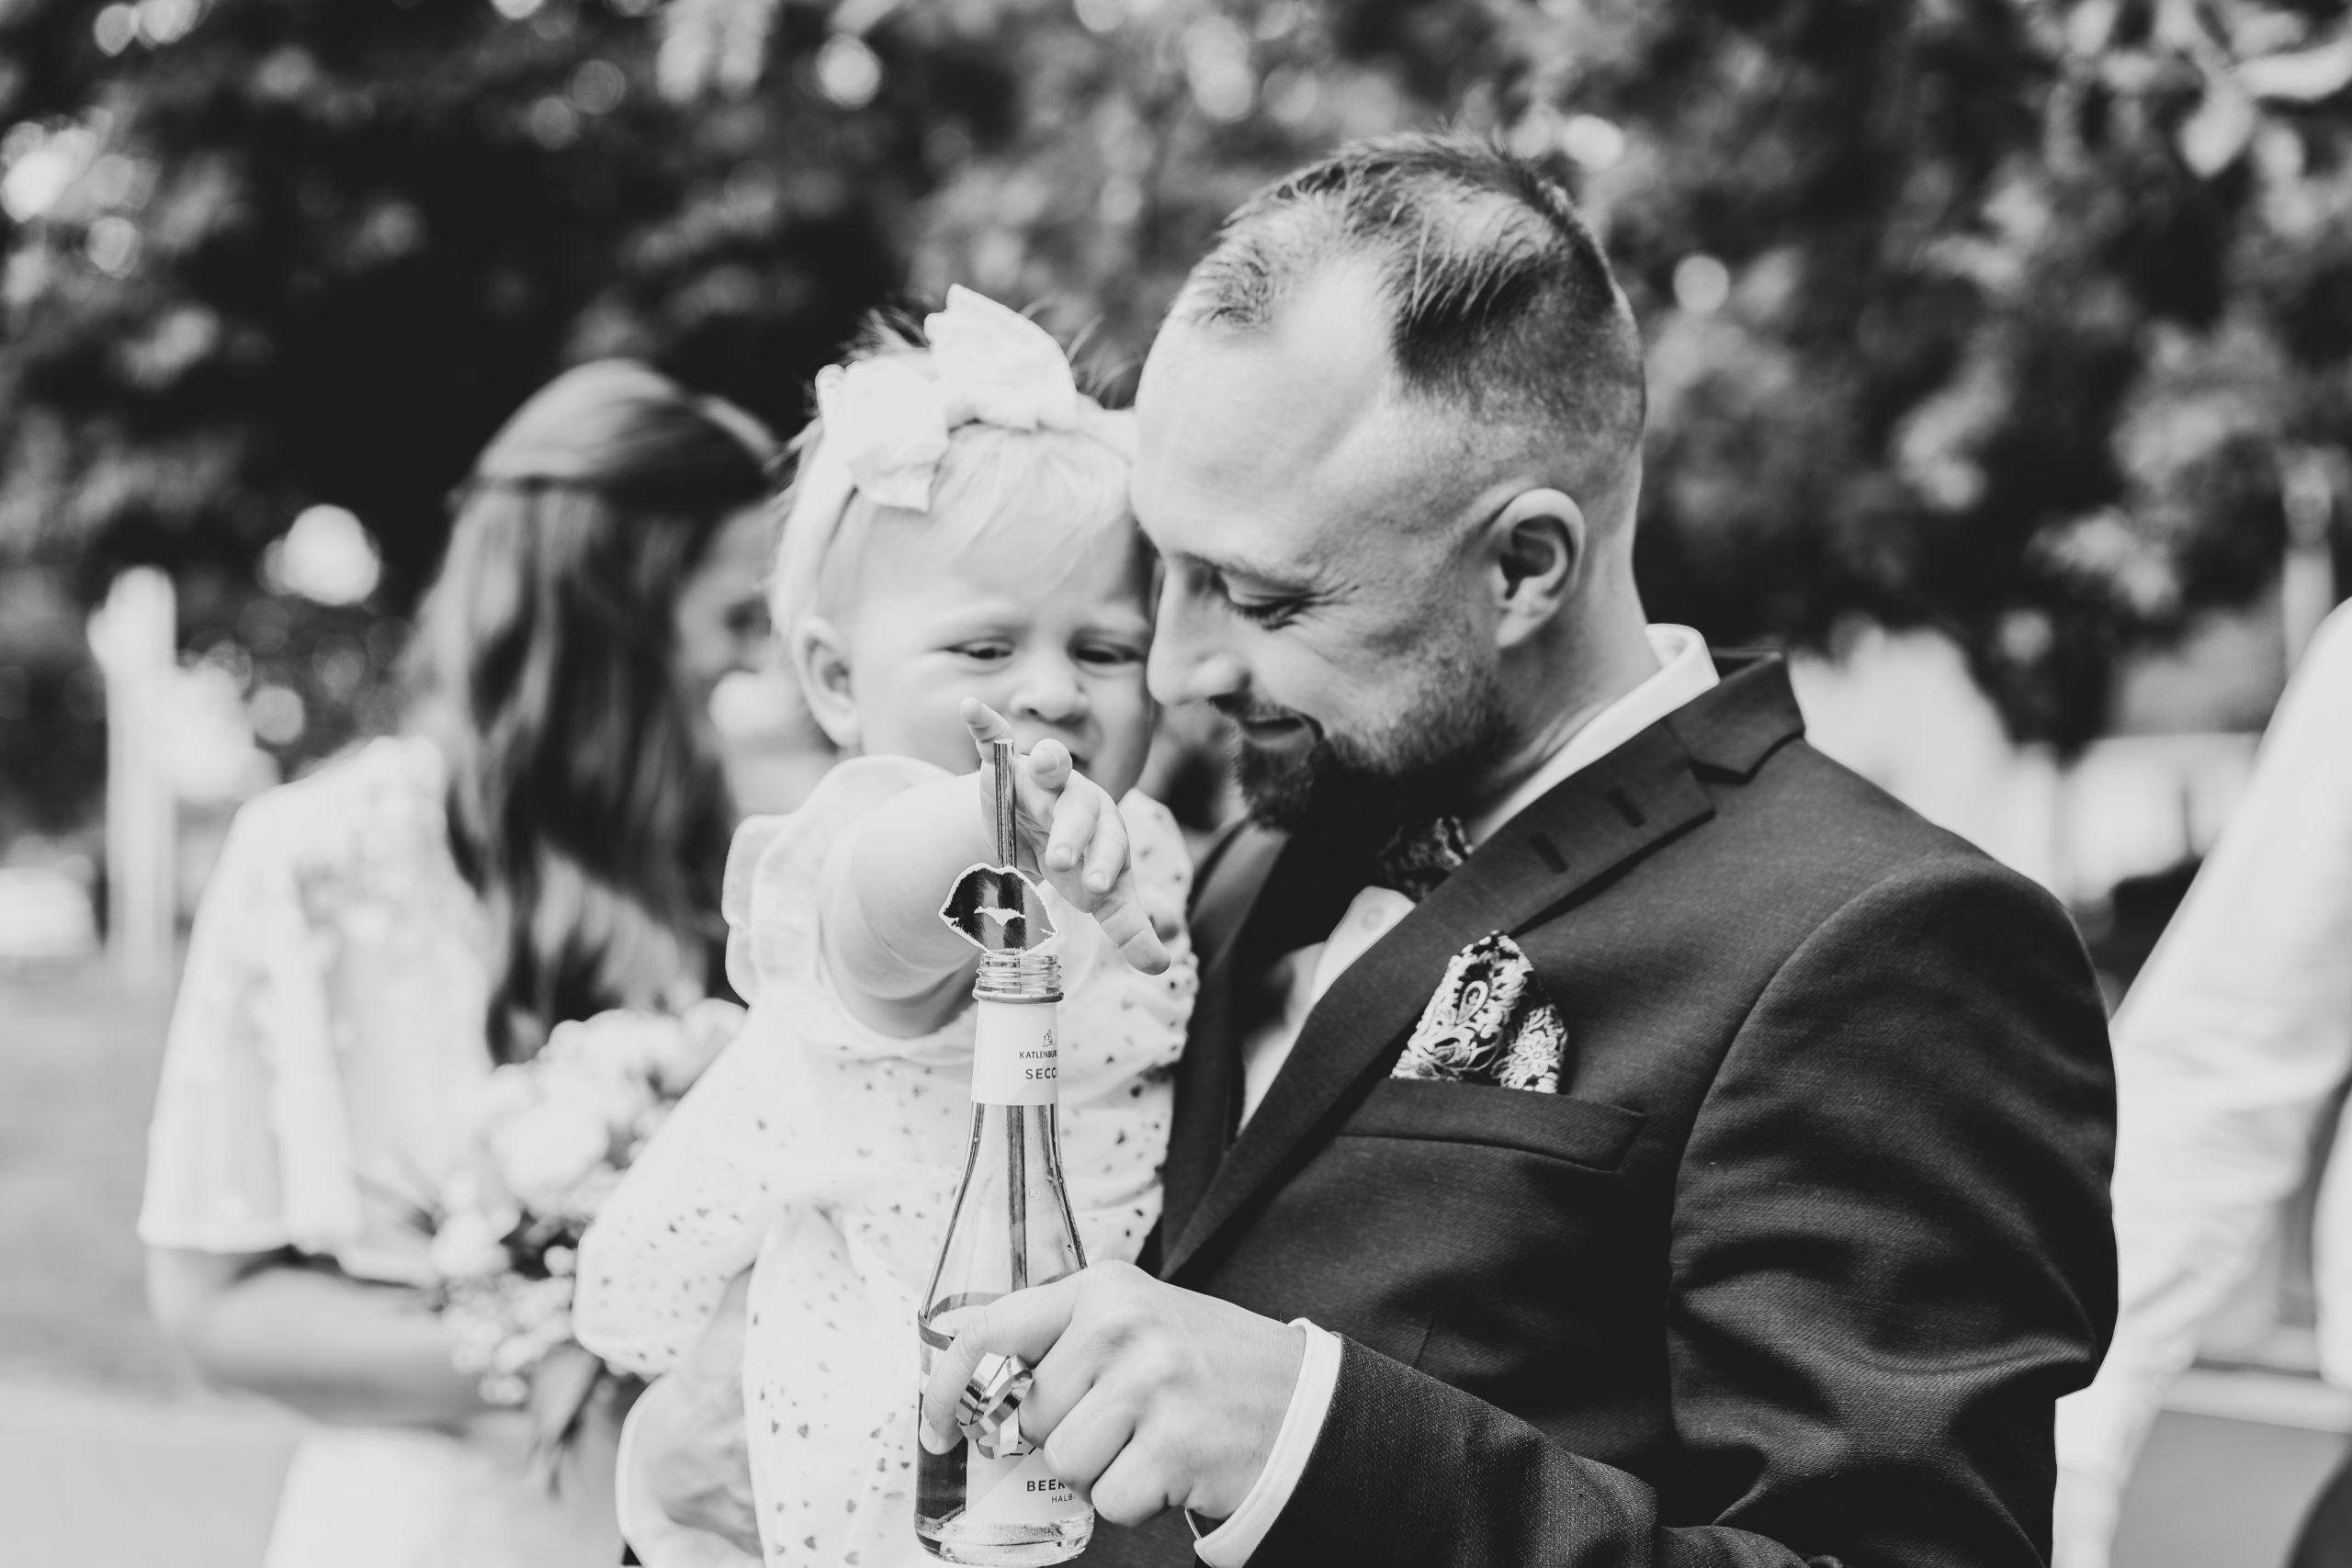 Bräutigam Kind Baby Hochzeitsempfang Hochzeitsfeier